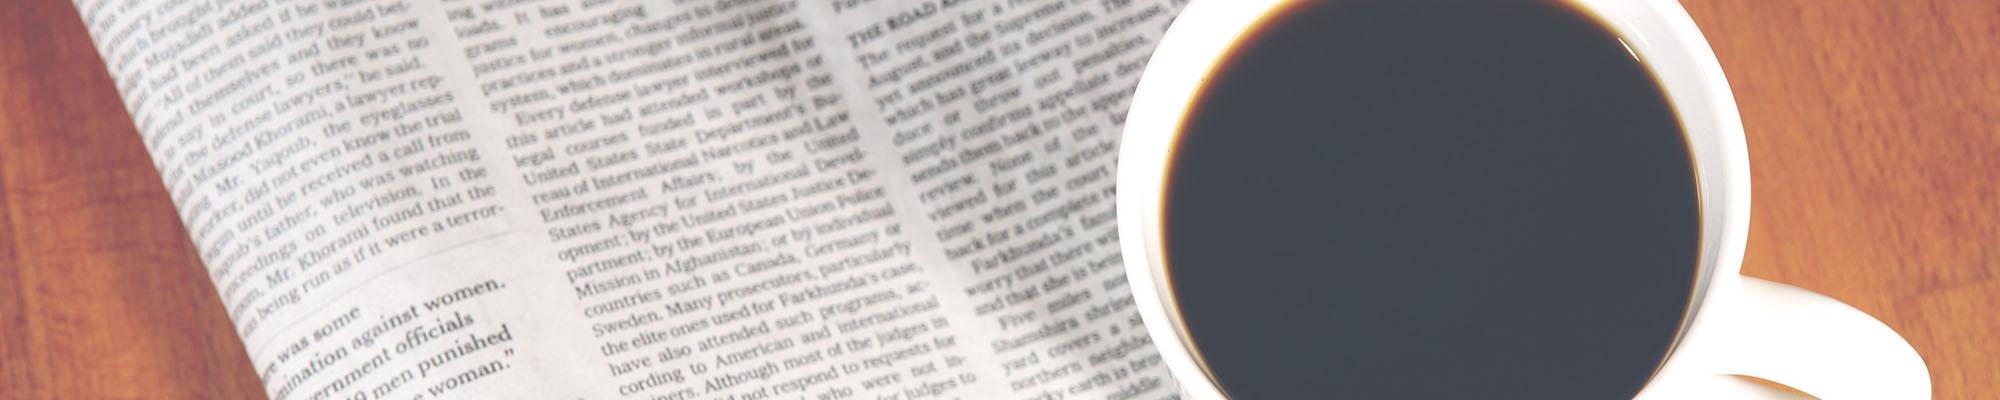 Zu sehen ist der Newsletter der Tarifhaus Ag als Zeitungsausdruck.